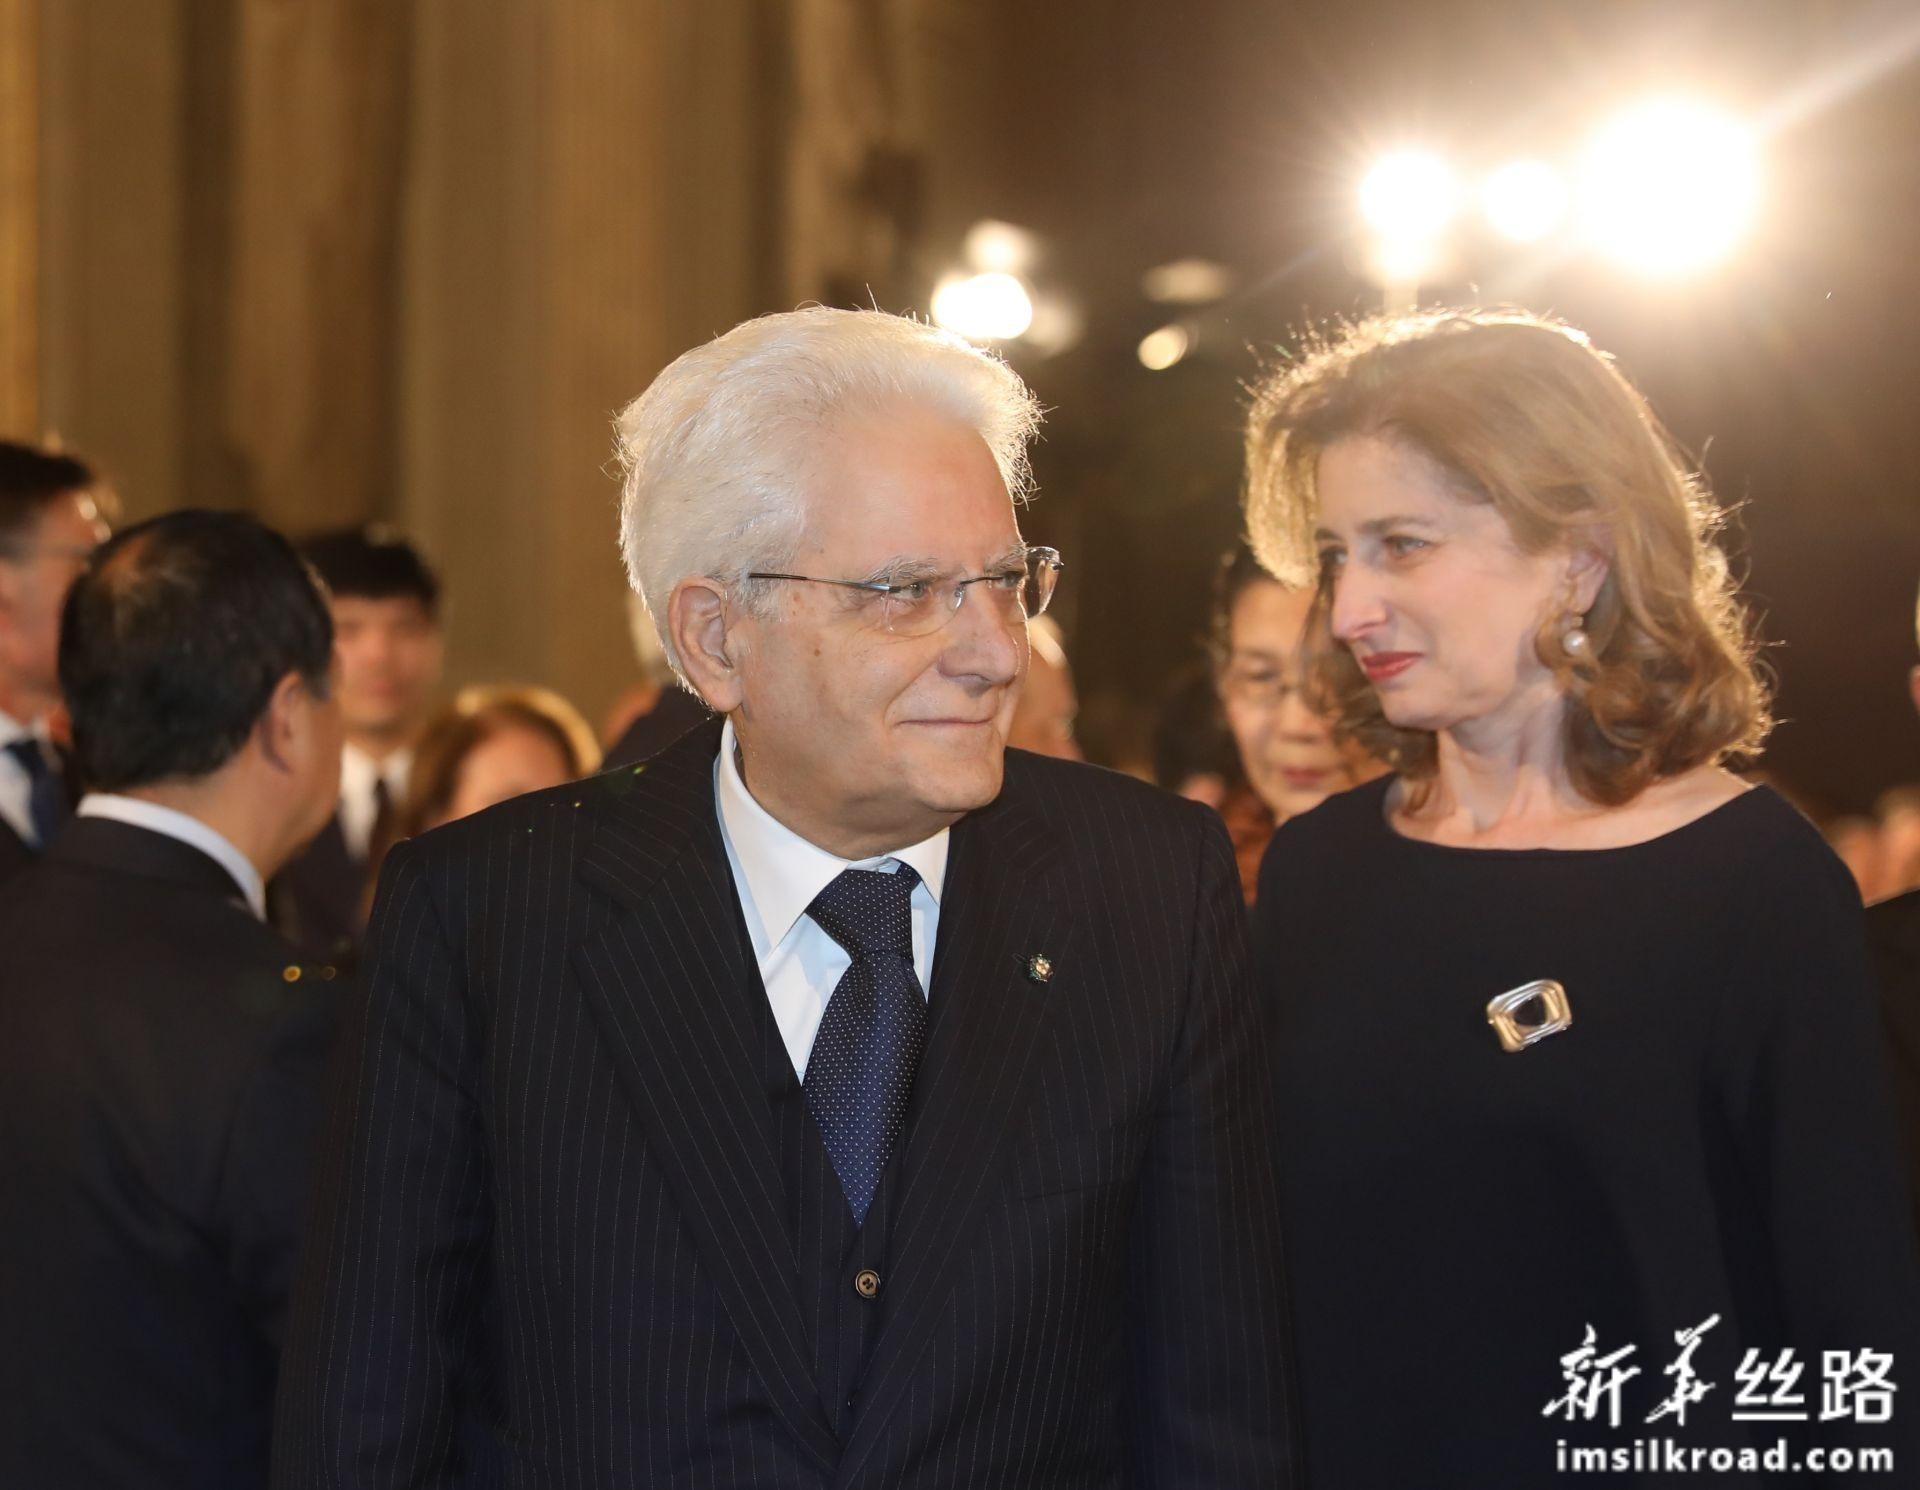 2月13日,在意大利罗马总统府奎里纳莱宫,意大利总统马塔雷拉(左)于音乐会开始前步入会场。新华社记者 程婷婷 摄